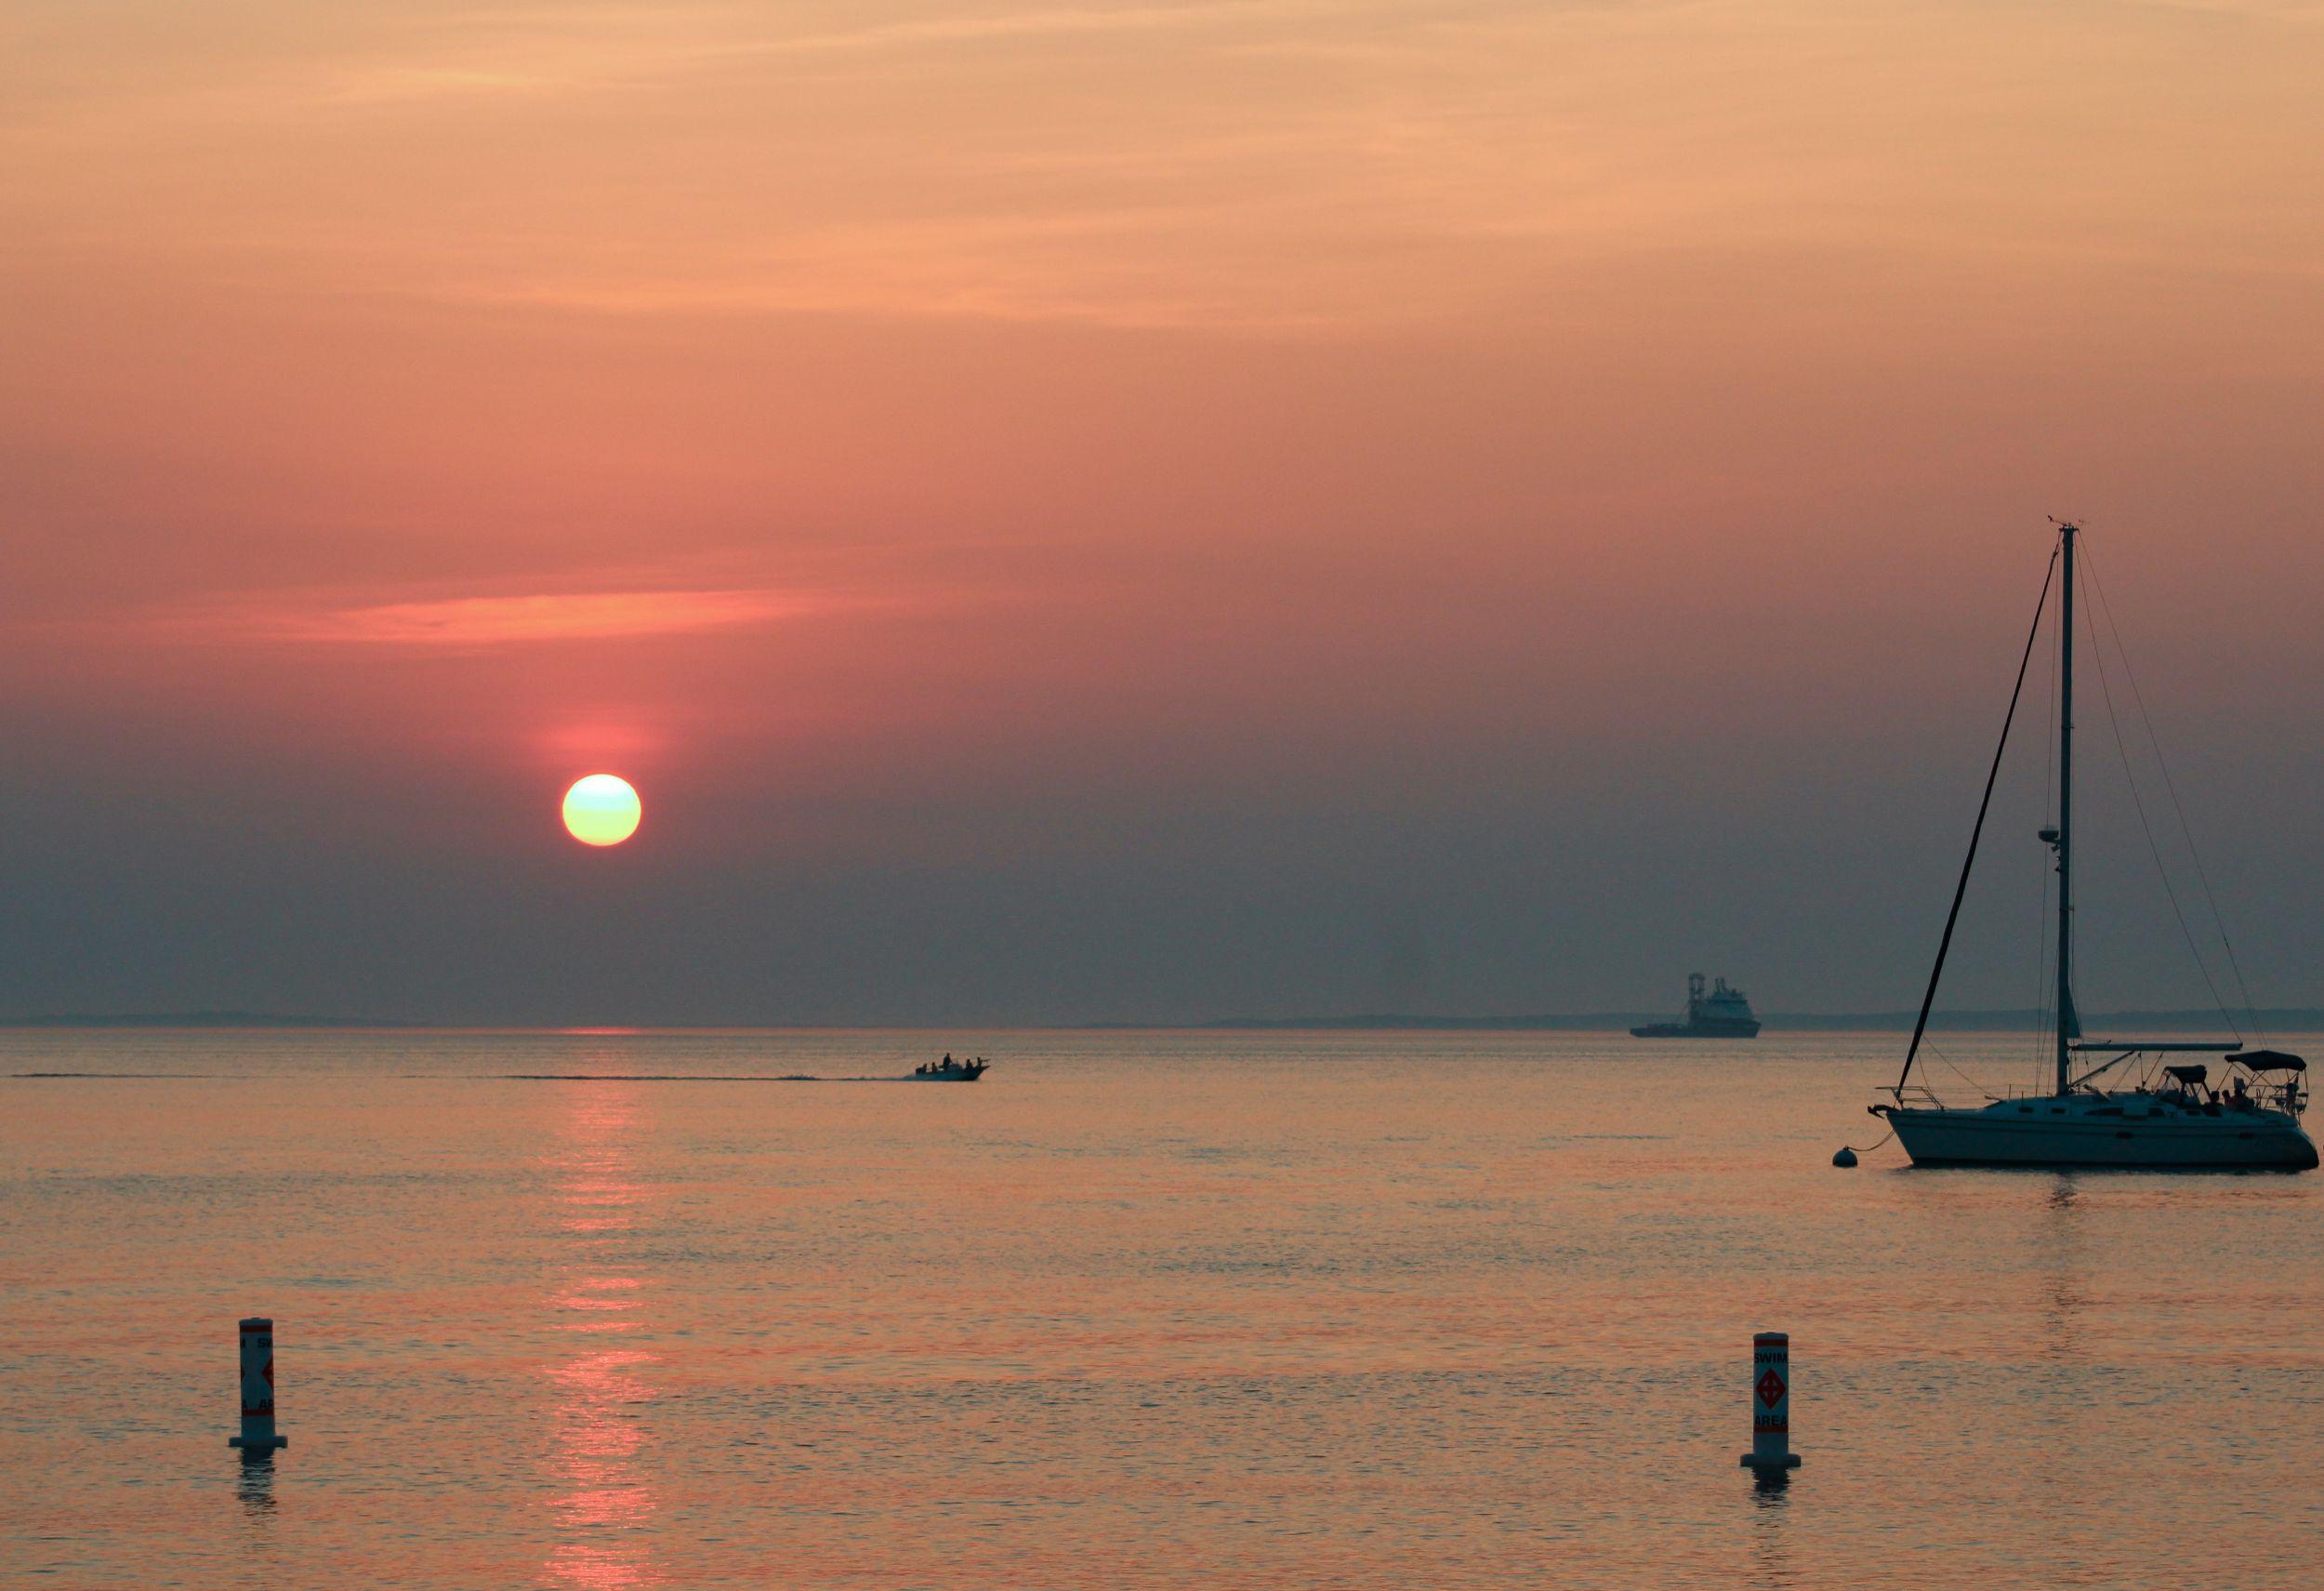 Menemsha_Marthas_Vineyard_Sailboat_Sunset.jpg